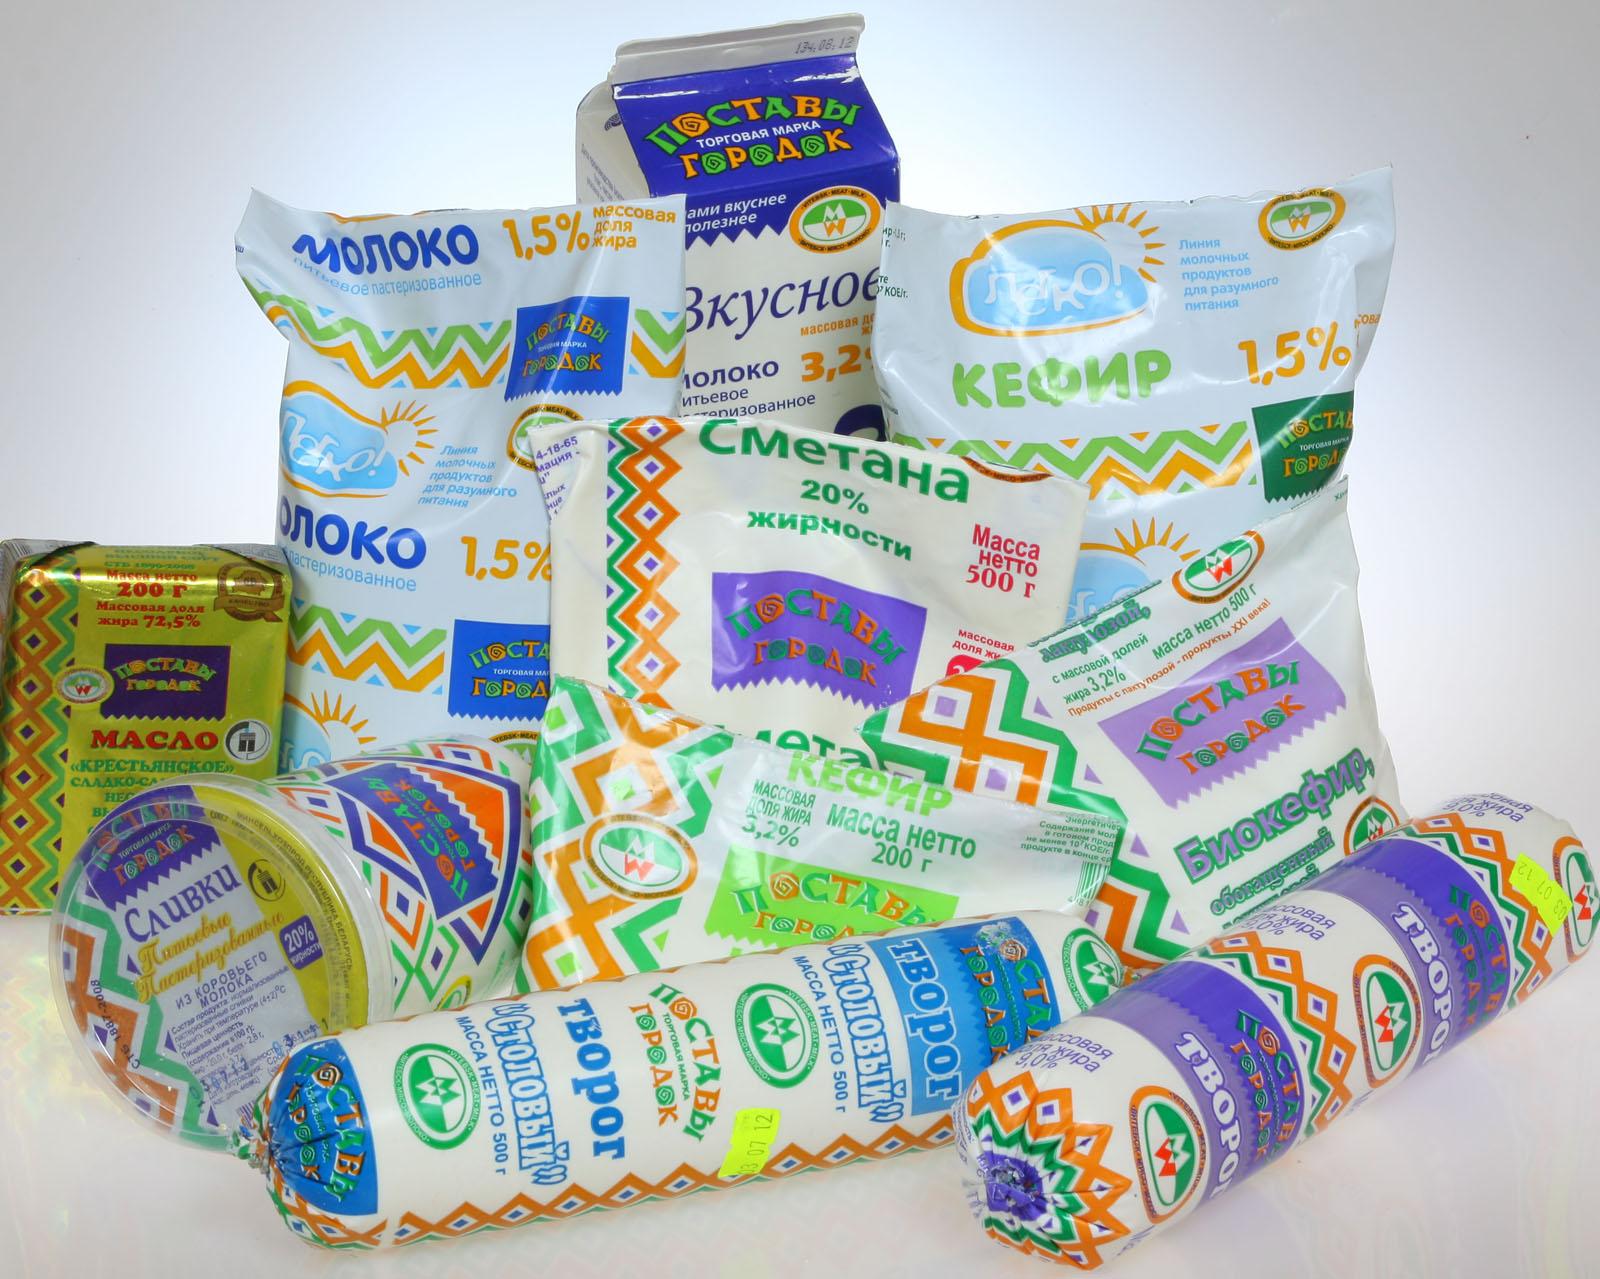 Картинки с упаковок белорусских молочных продуктов